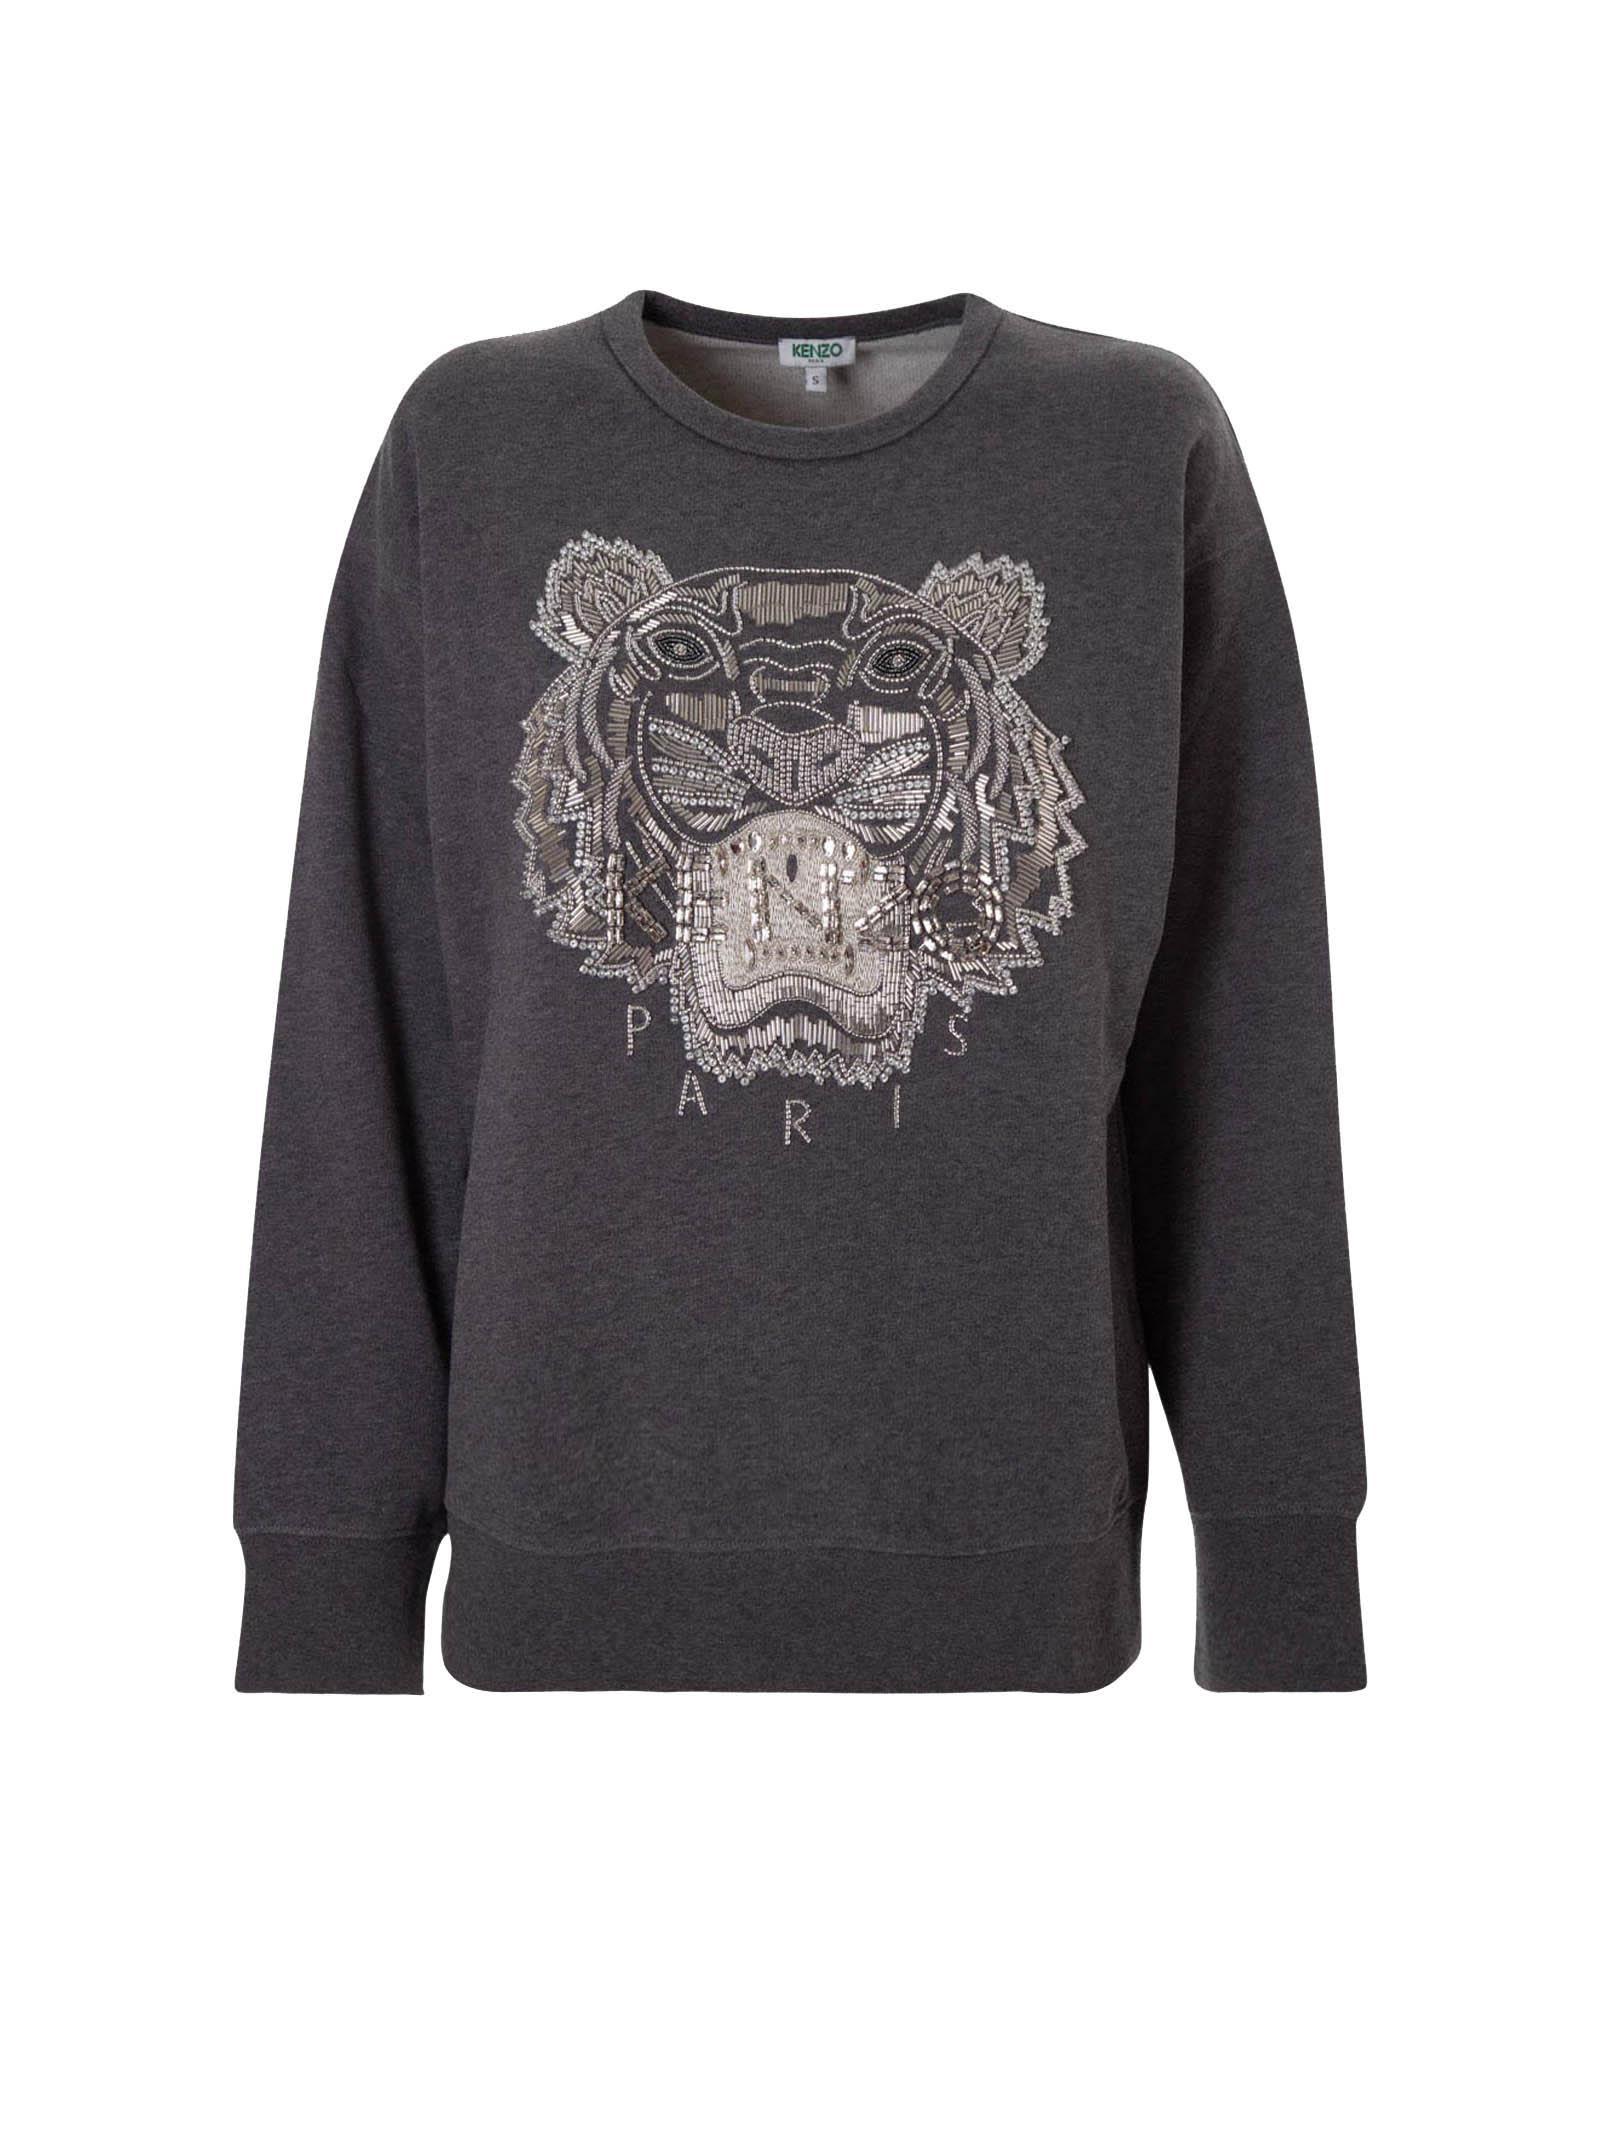 Kenzo Grey Sweatshirt